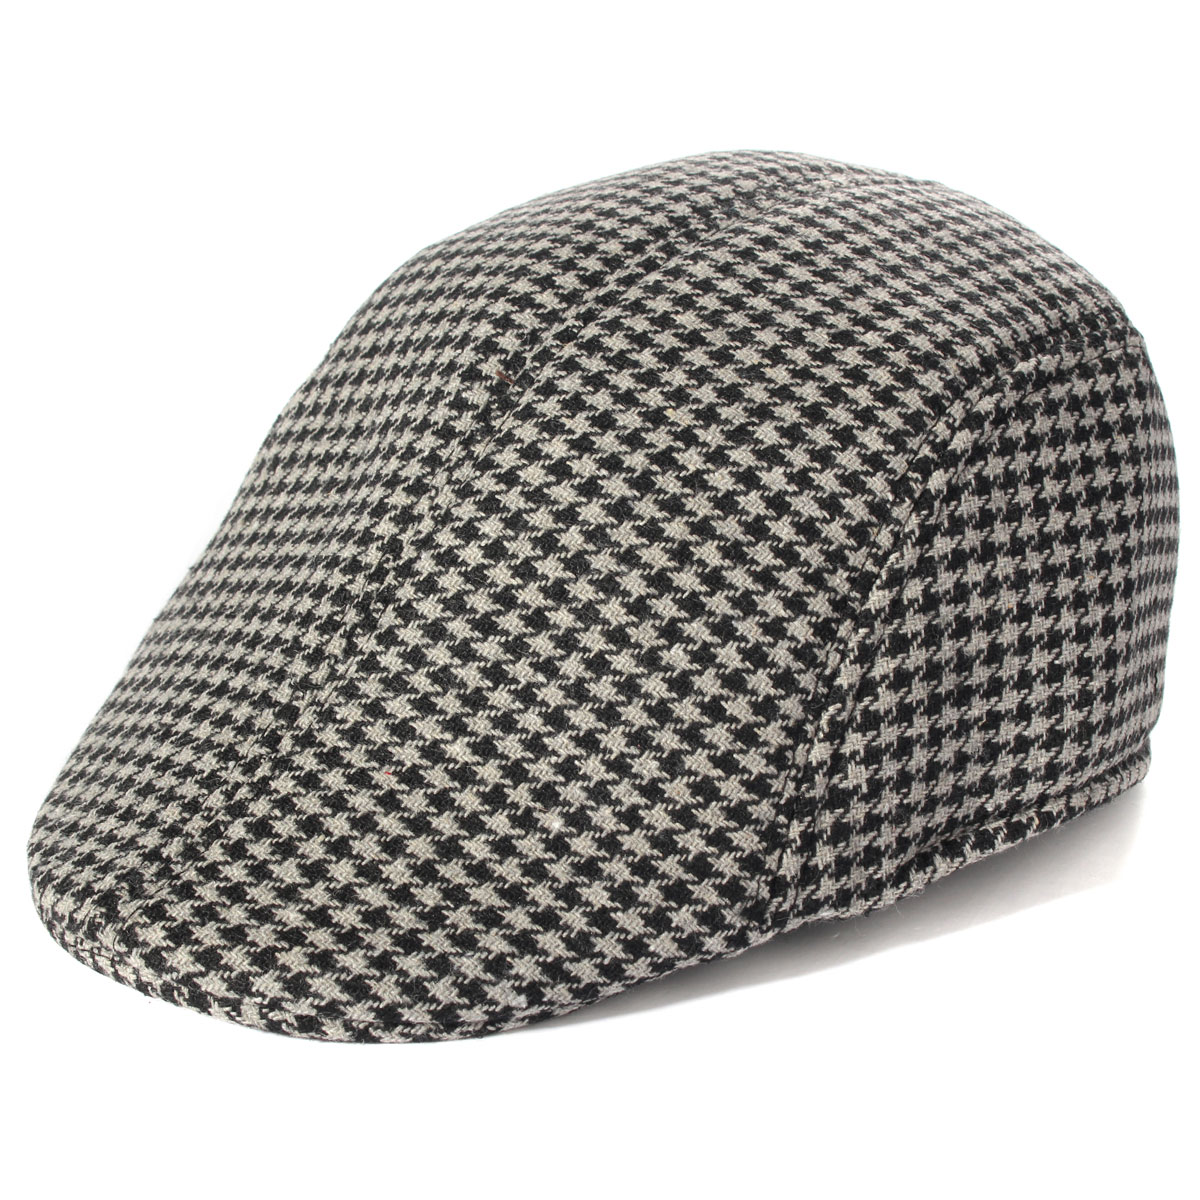 Unisex Men Women Cotton Blend Swallow Grid Beret Cap Paper Boy Flat Cowboy Cabbie Hat